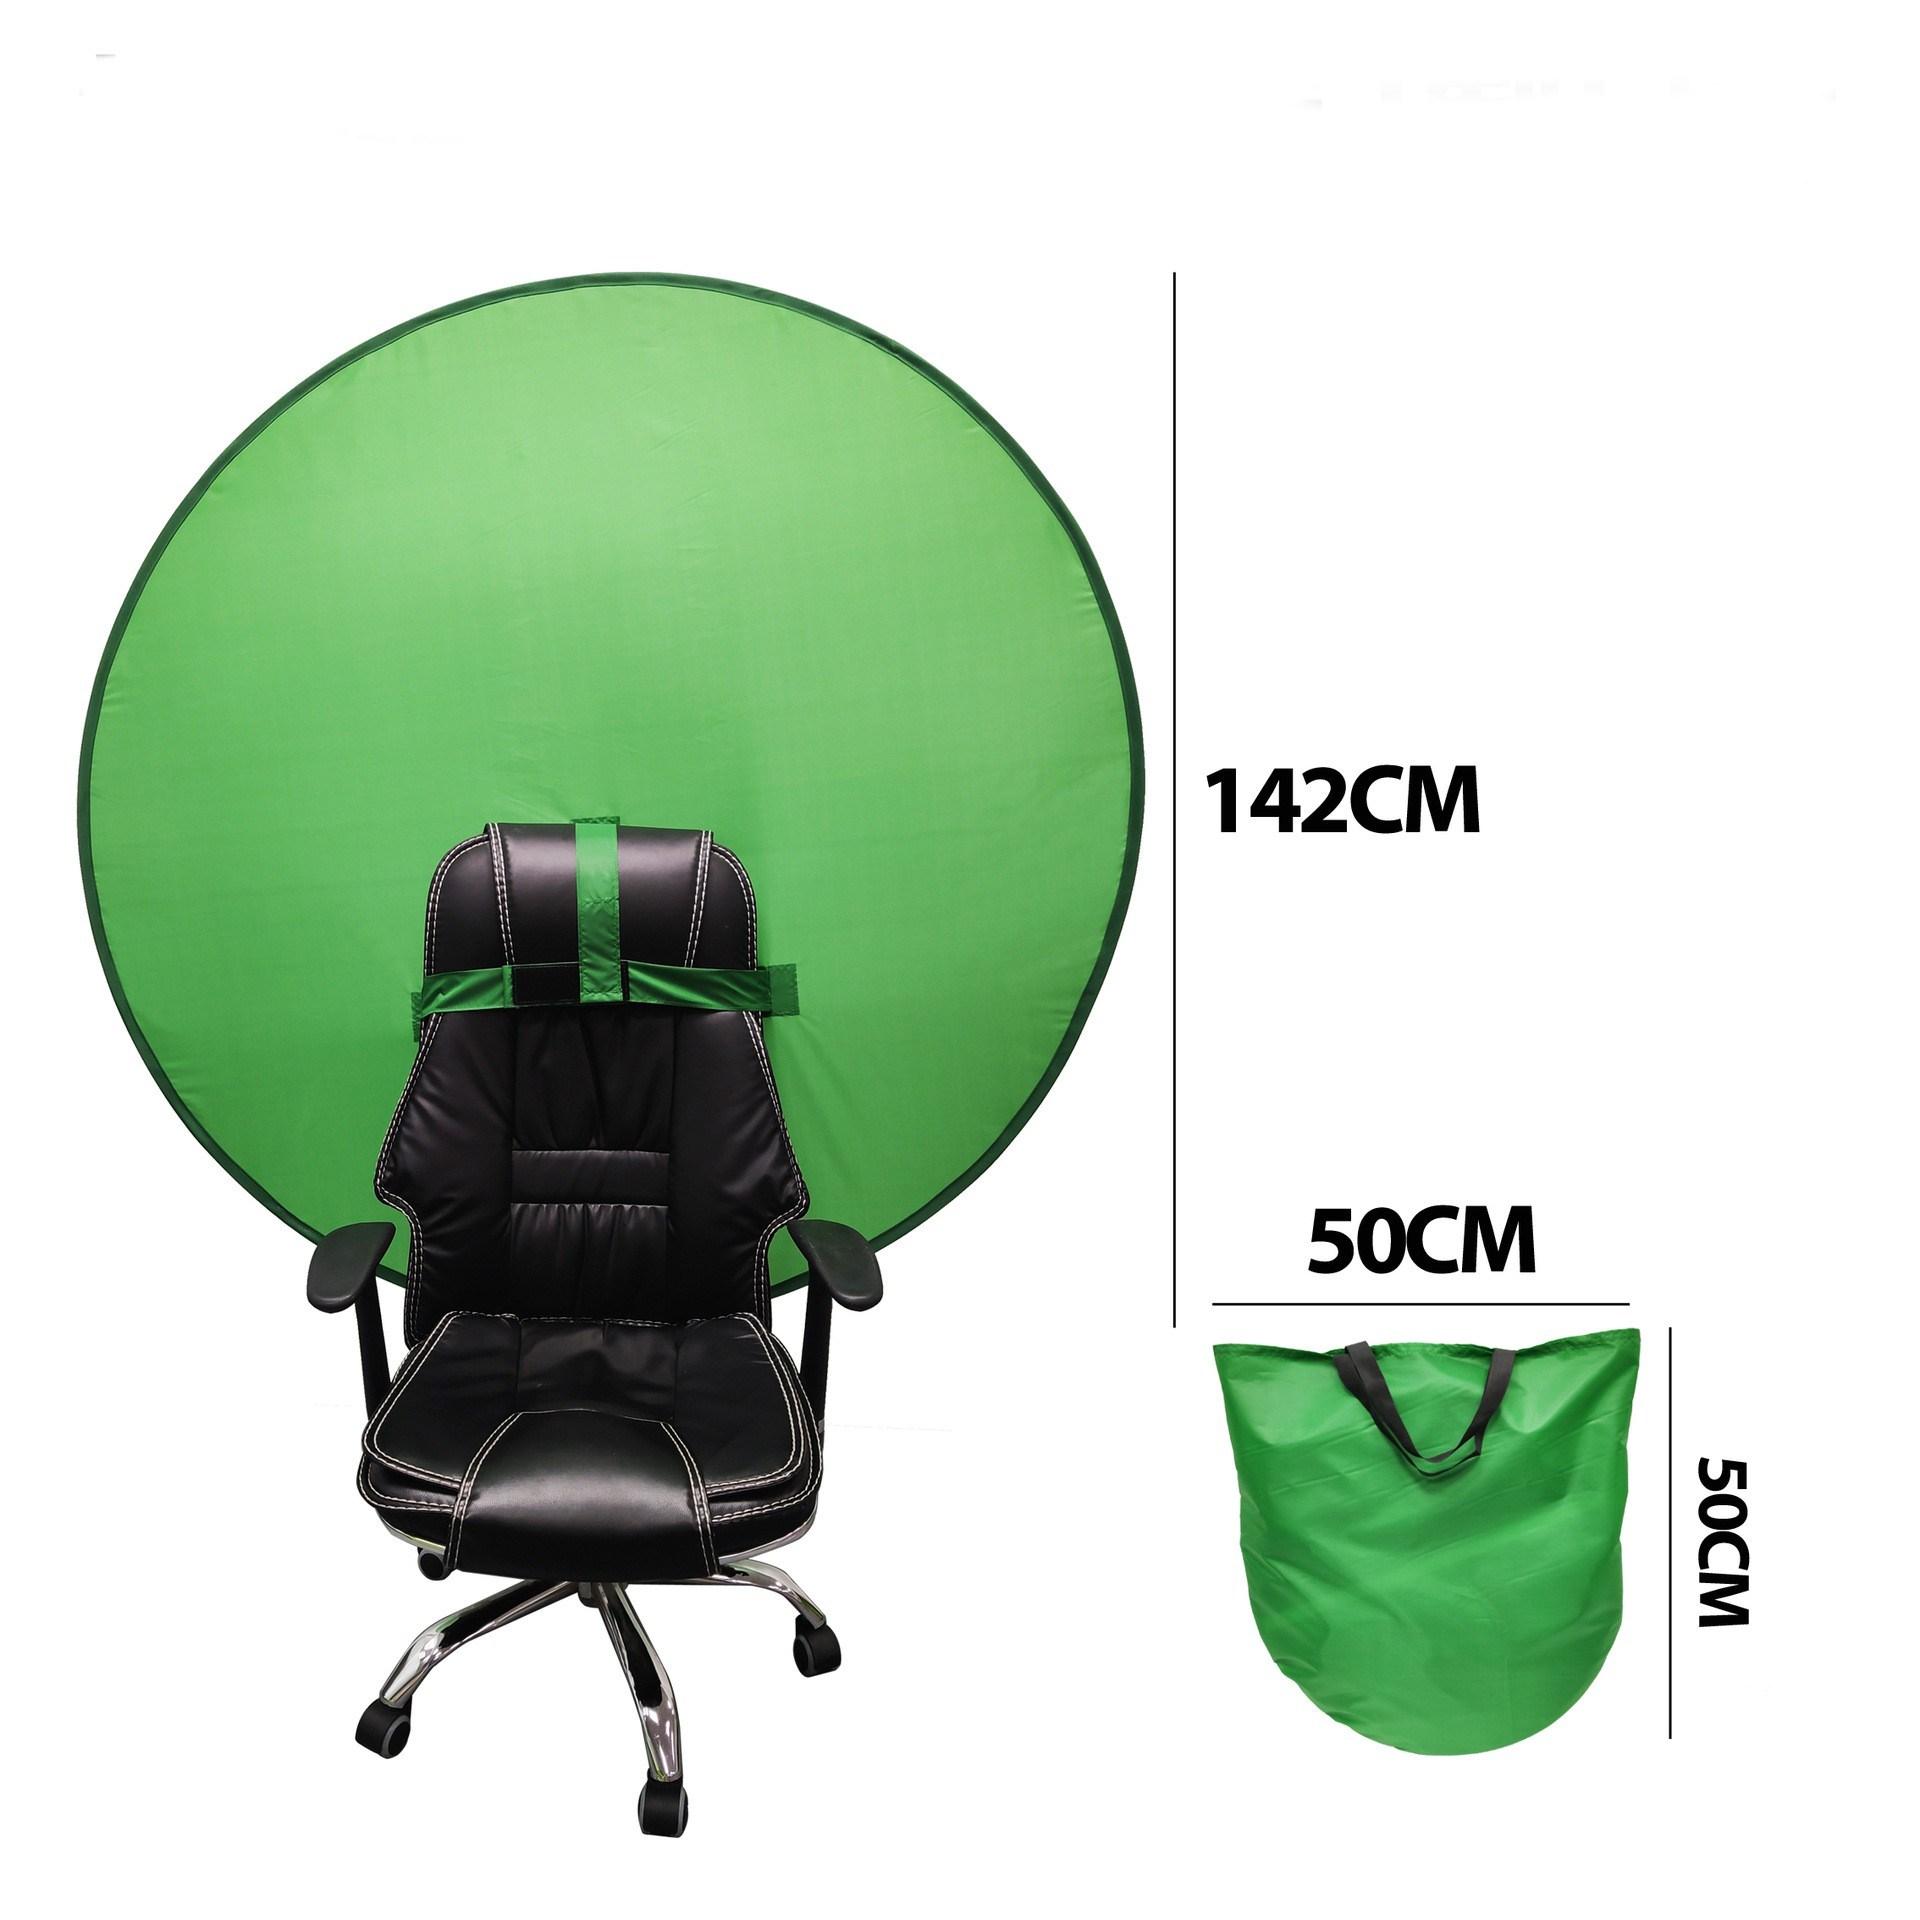 초간편 접이식 의자 탈부착 크로마키스크린 촬영용배경천